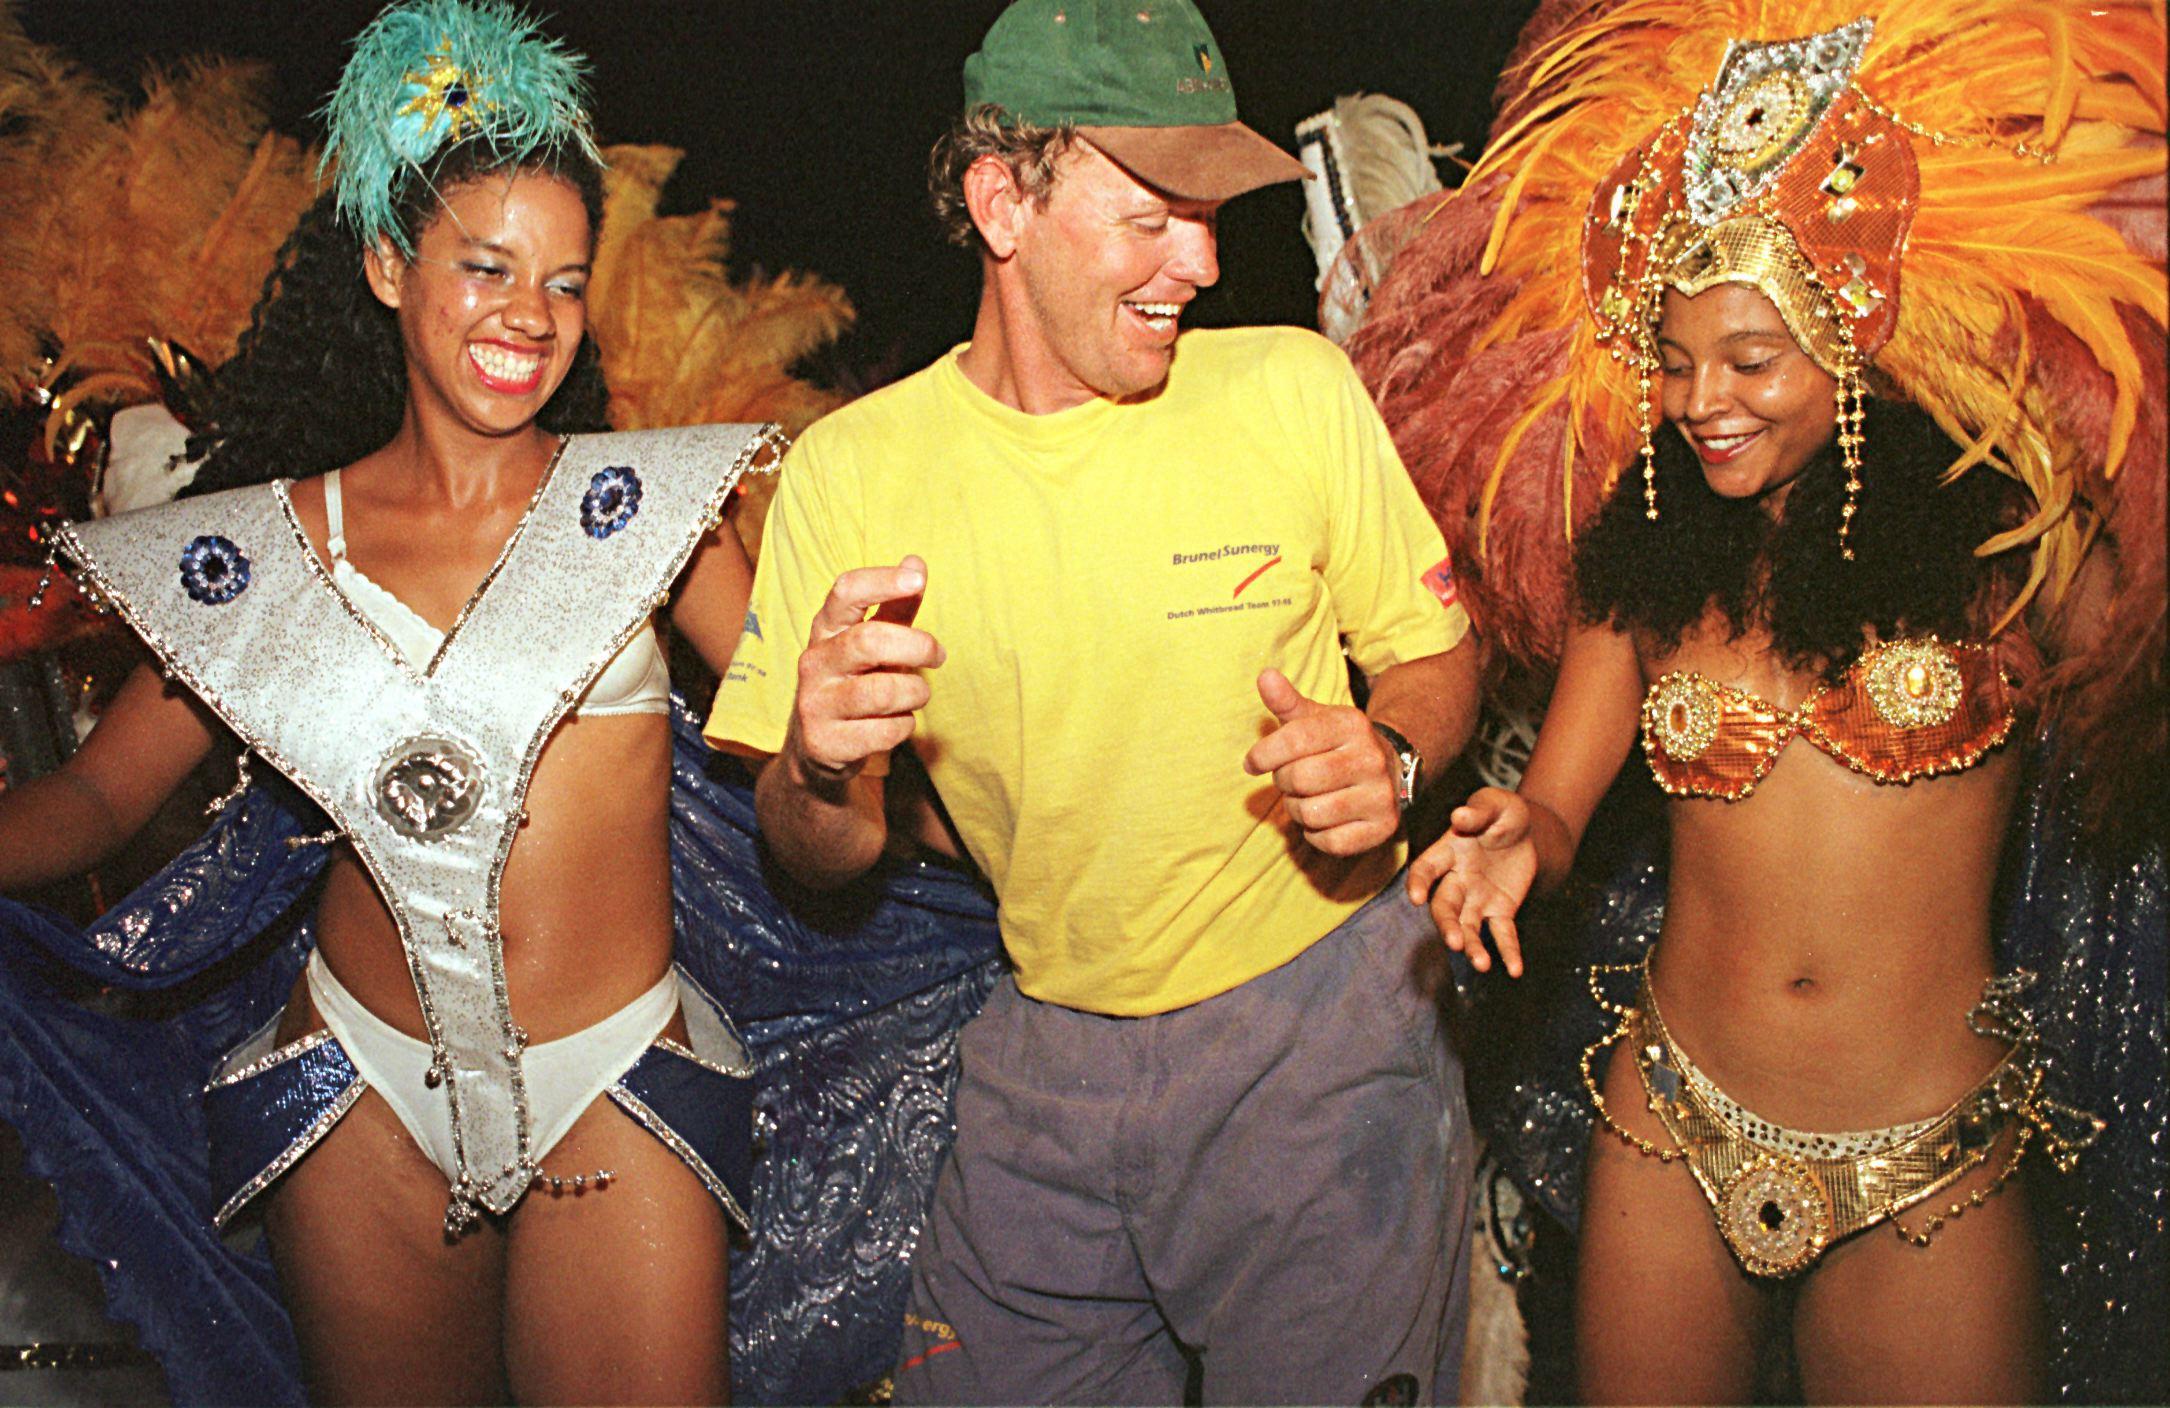 Vandaag op deze dag in 1998: Goedkoopste boot van 'Whitbread' na aanvaring met walvis lachtertje van de race om de wereld, maar met Heiner aan het stuur wint BrunelSunergy toch een etappe